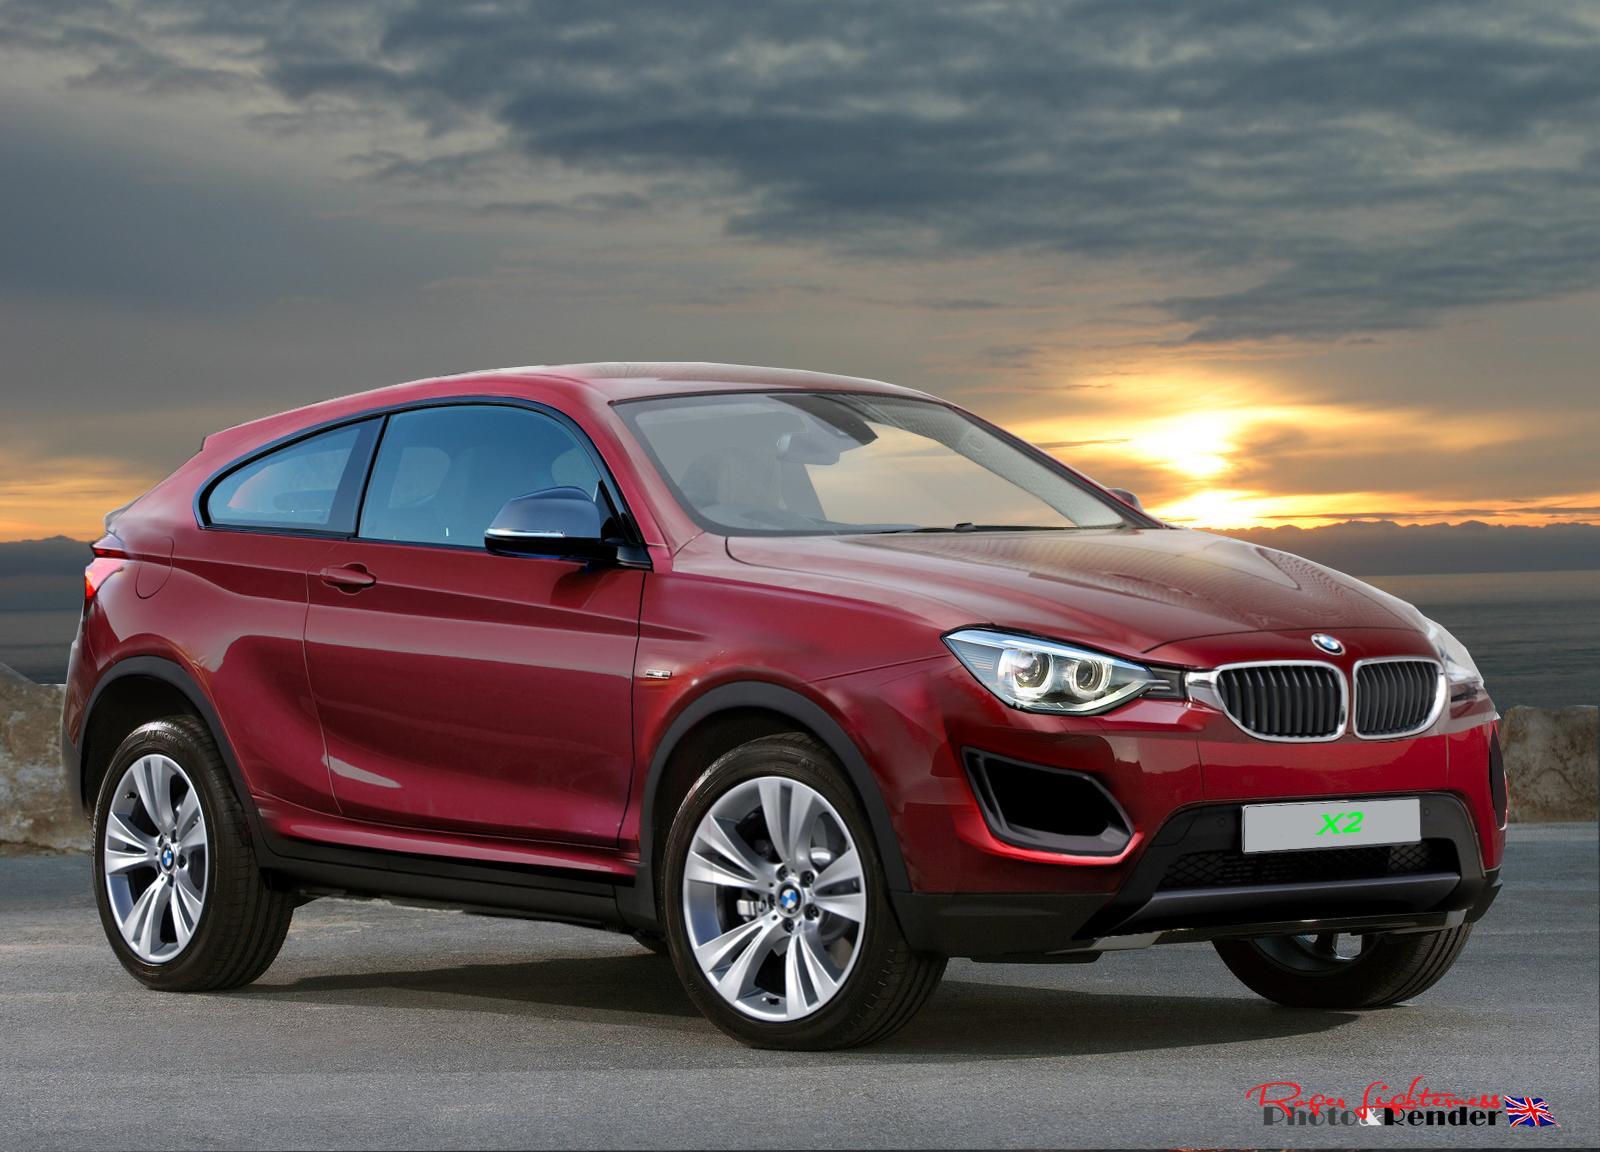 BMW X2 ra mắt vào năm 2017?